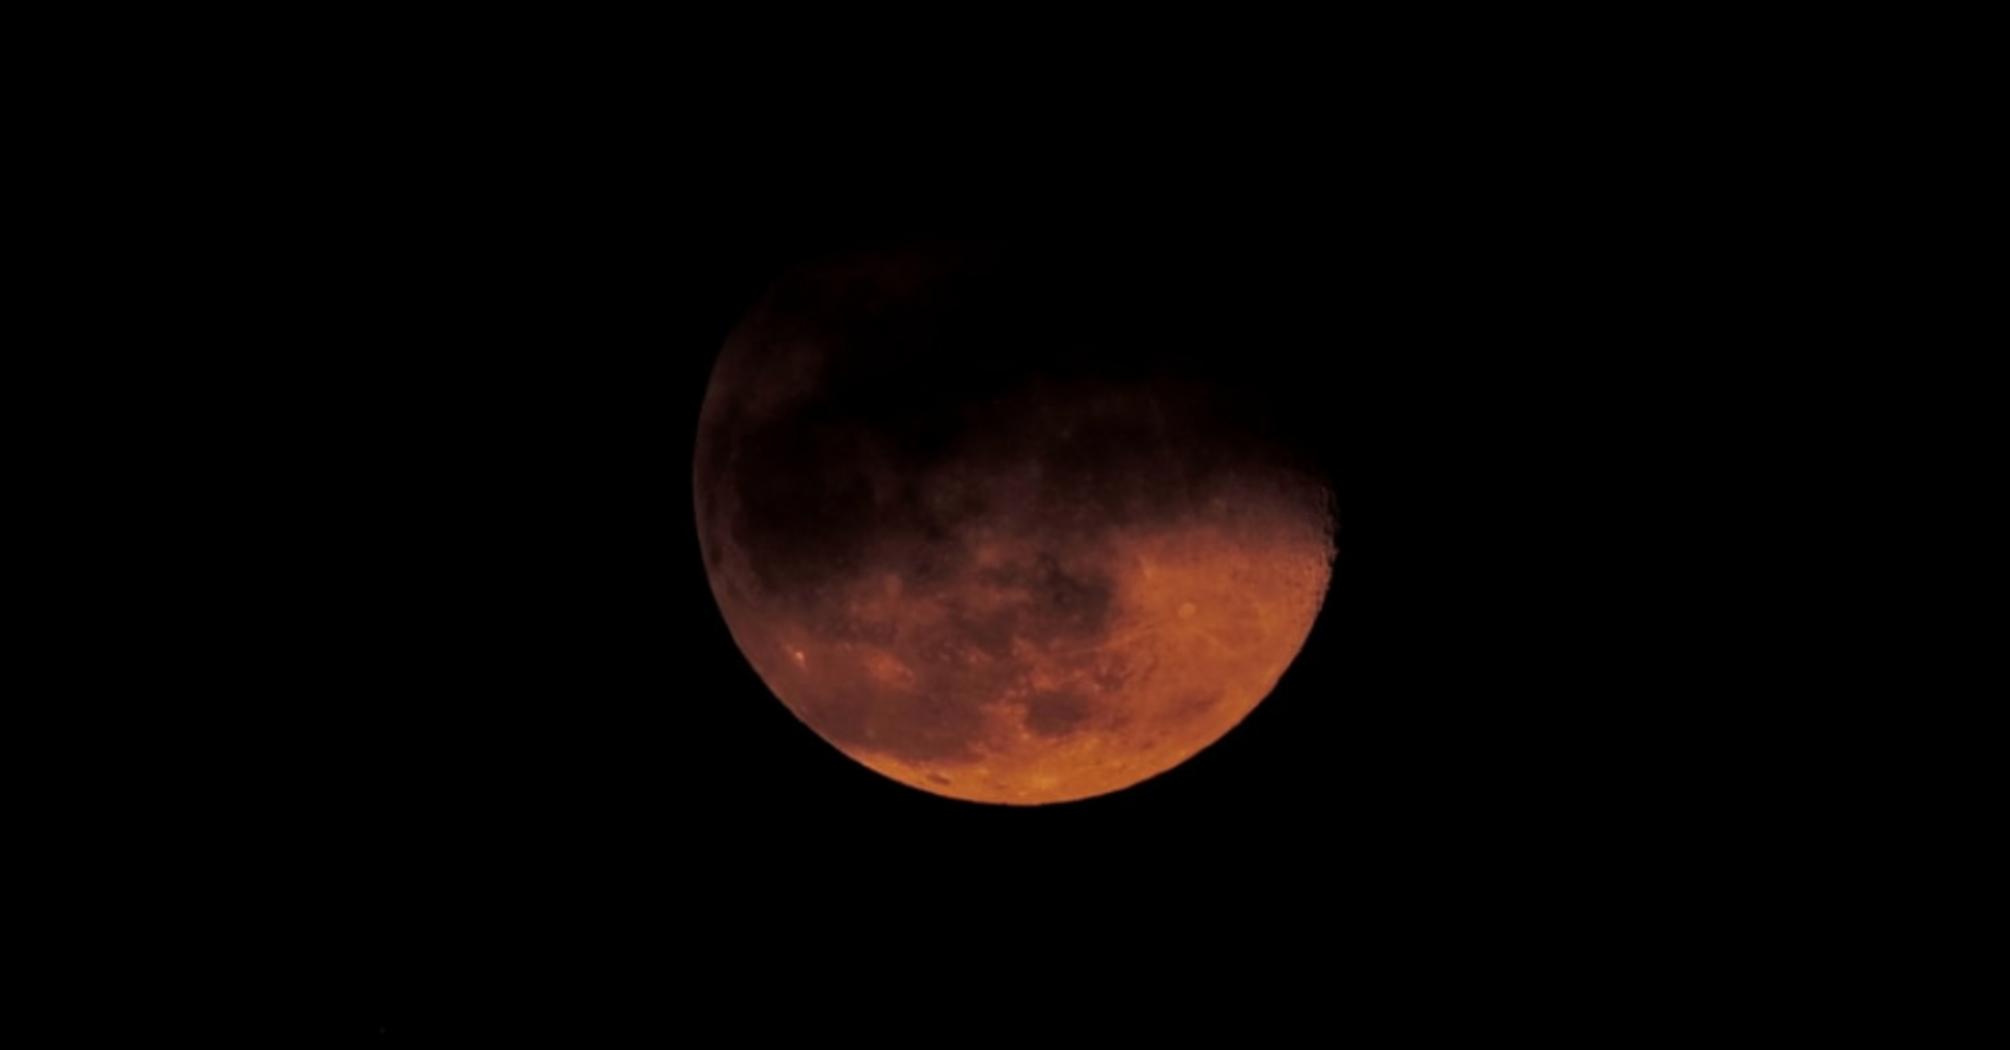 Плодотворная неделя и тяжелые выходные: лунный календарь на неделю 13-19 апреля